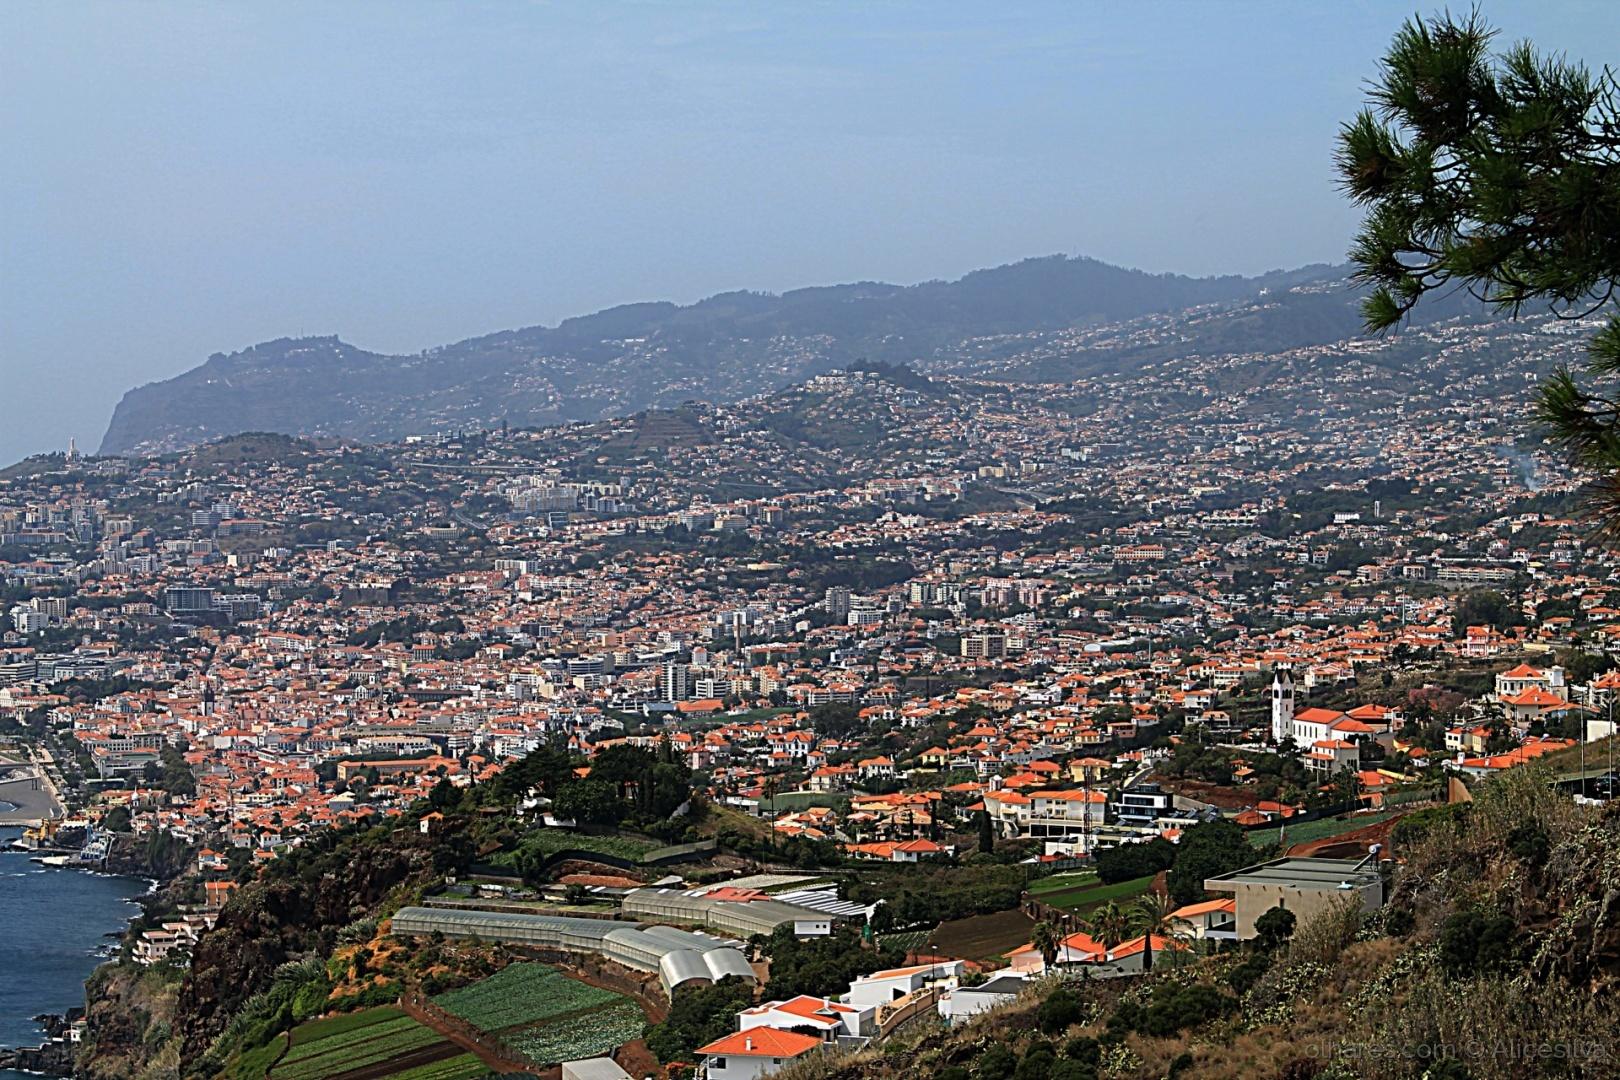 Paisagem Urbana/Madeira.